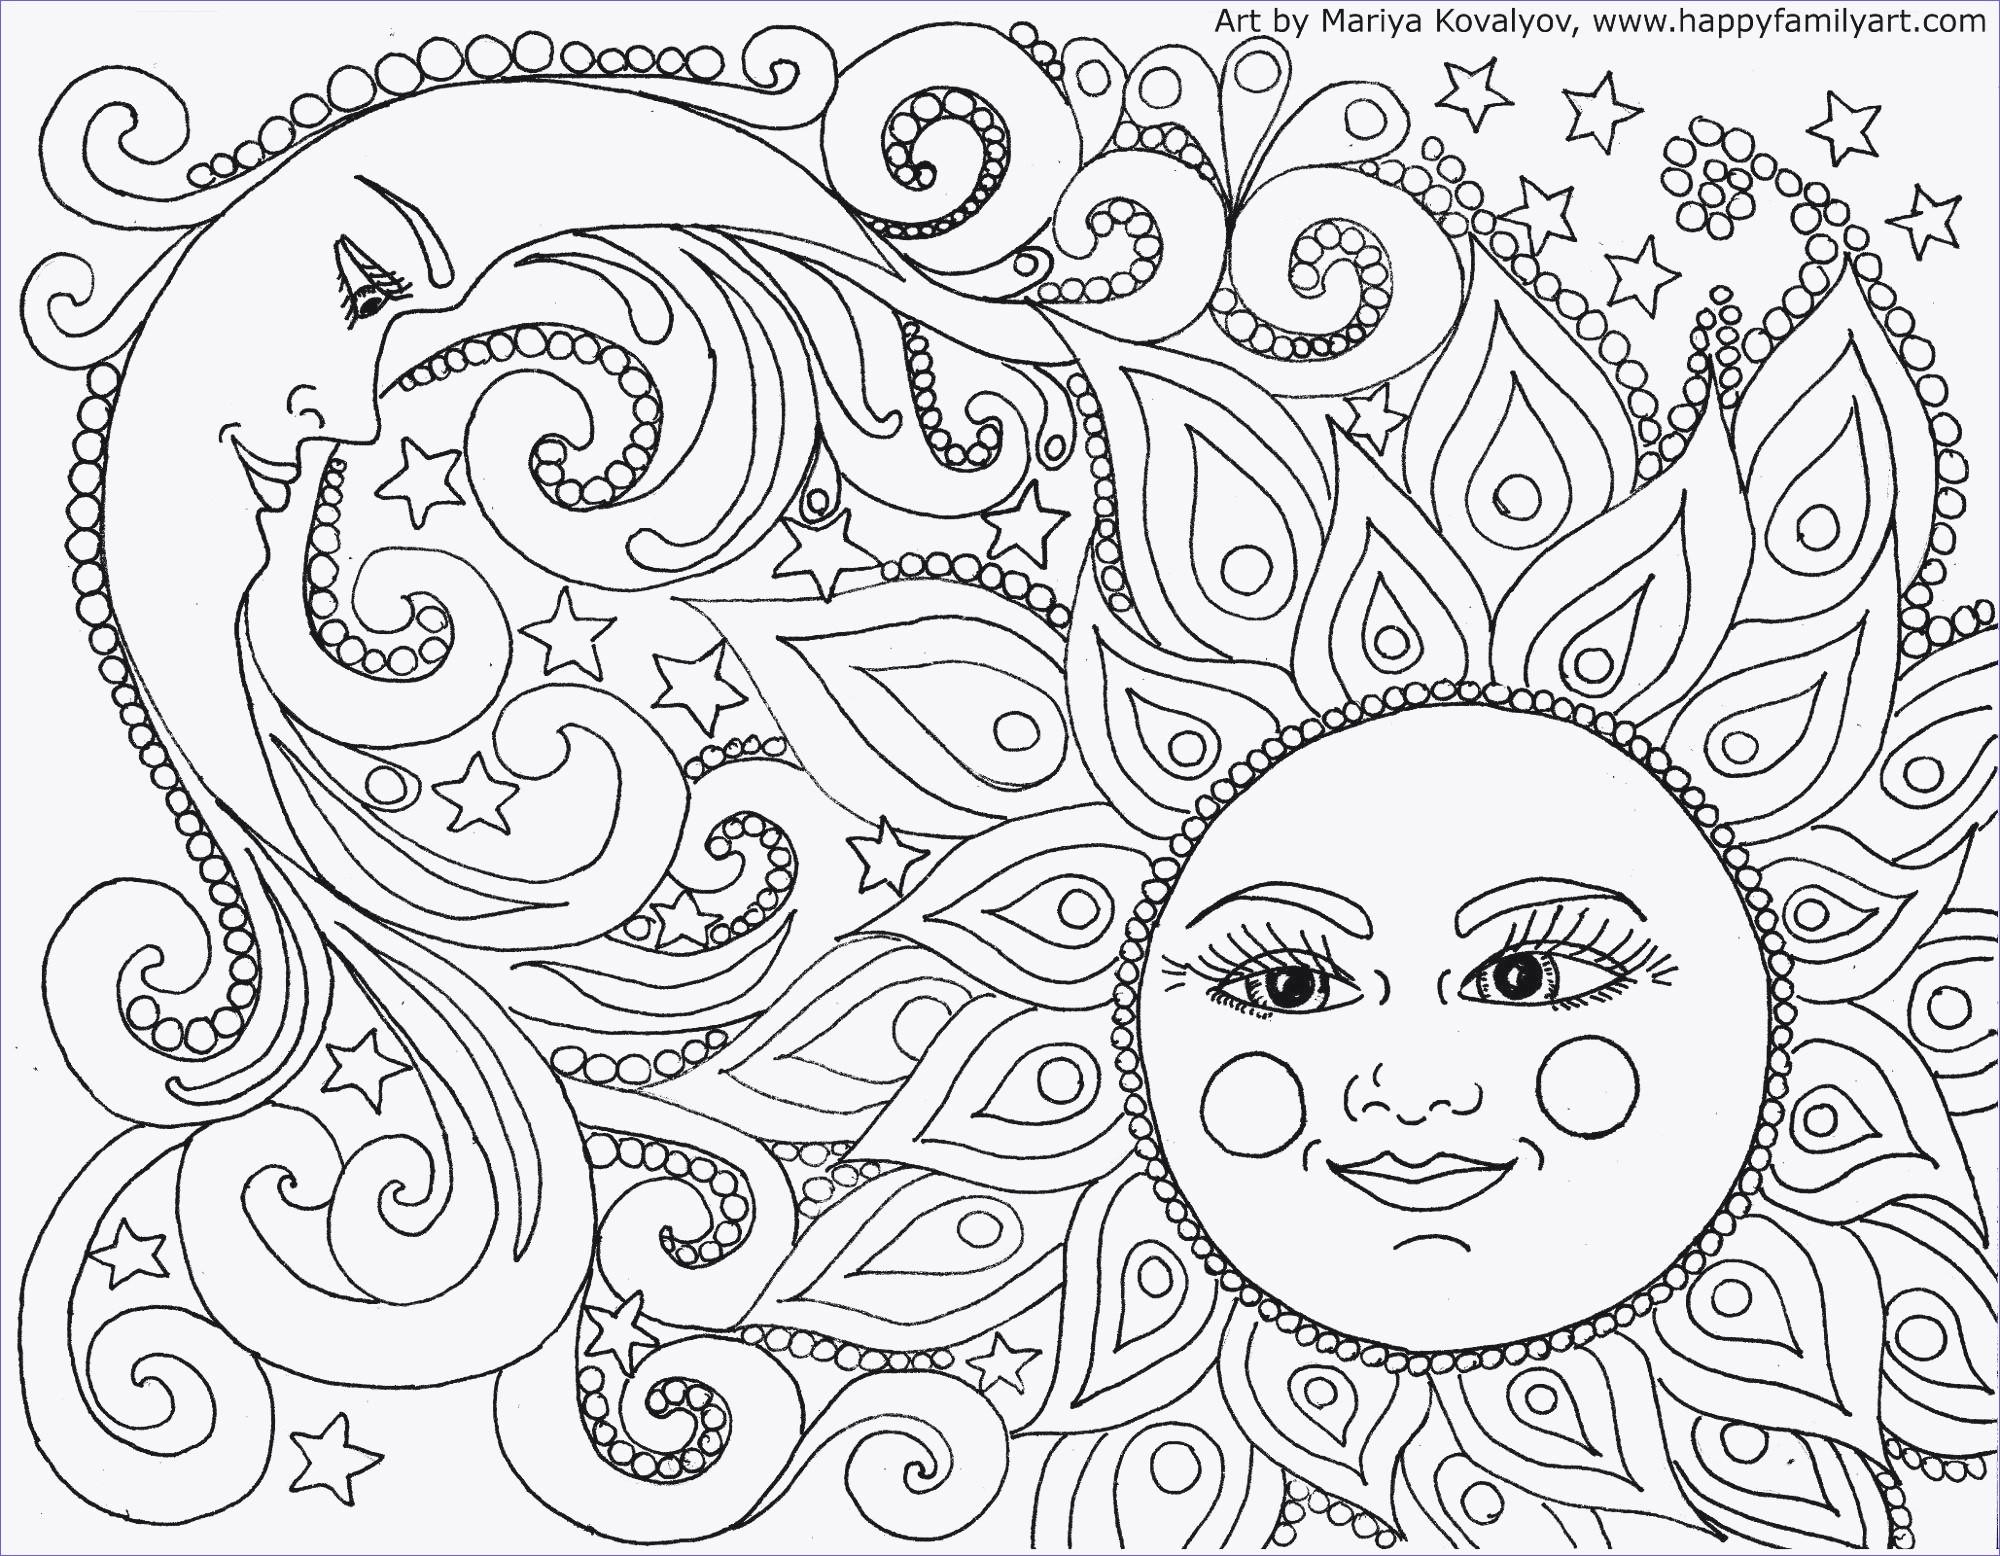 Mandala Herbst Zum Ausdrucken Frisch 40 Ausmalbilder Mandala Scoredatscore In Ausmalbilder Mandala Fotografieren